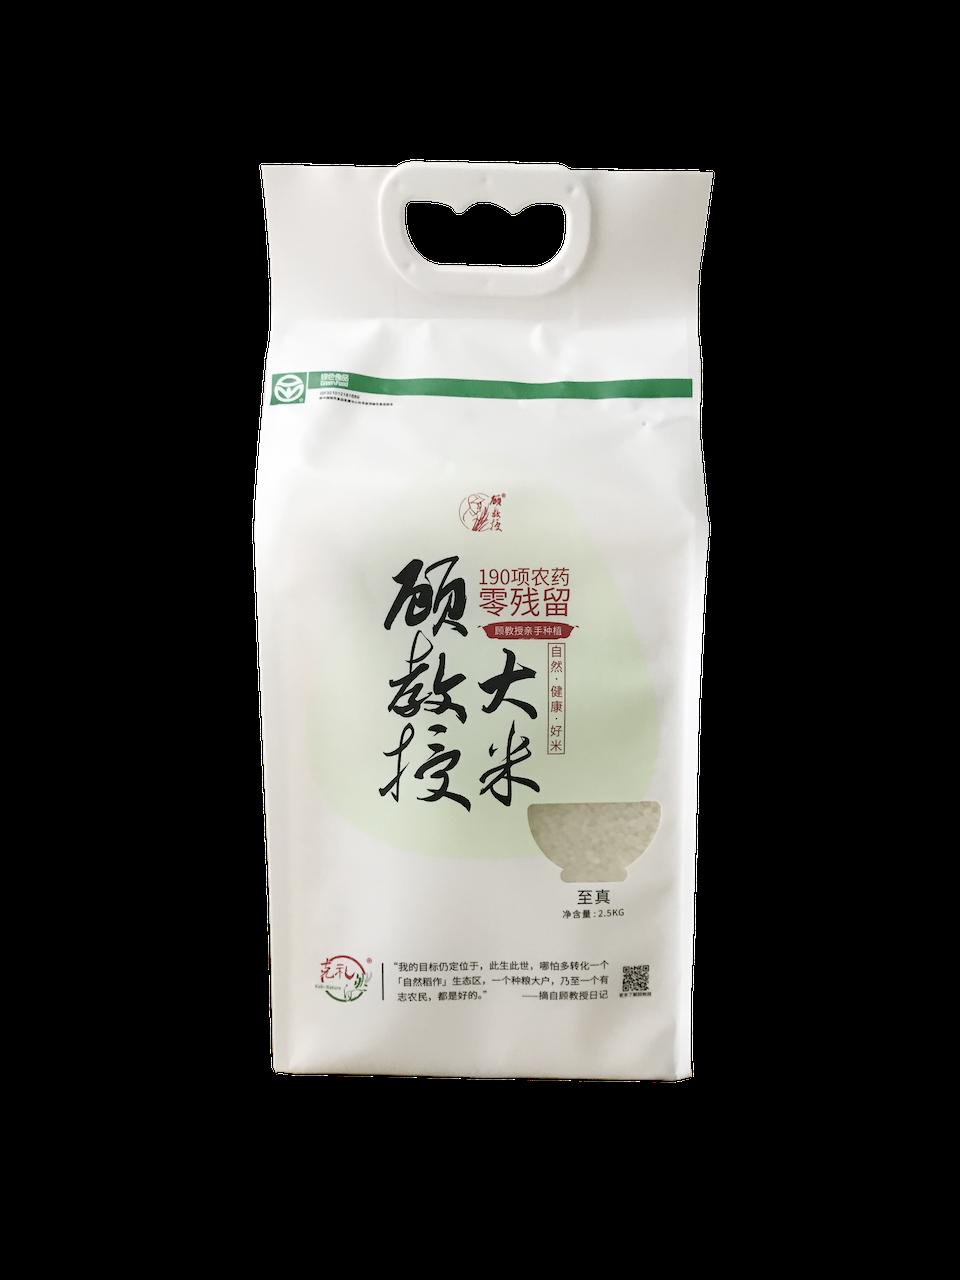 【顾教授至真自然大米】190项农药零残留,自然农法种植,更有生命力的大米!